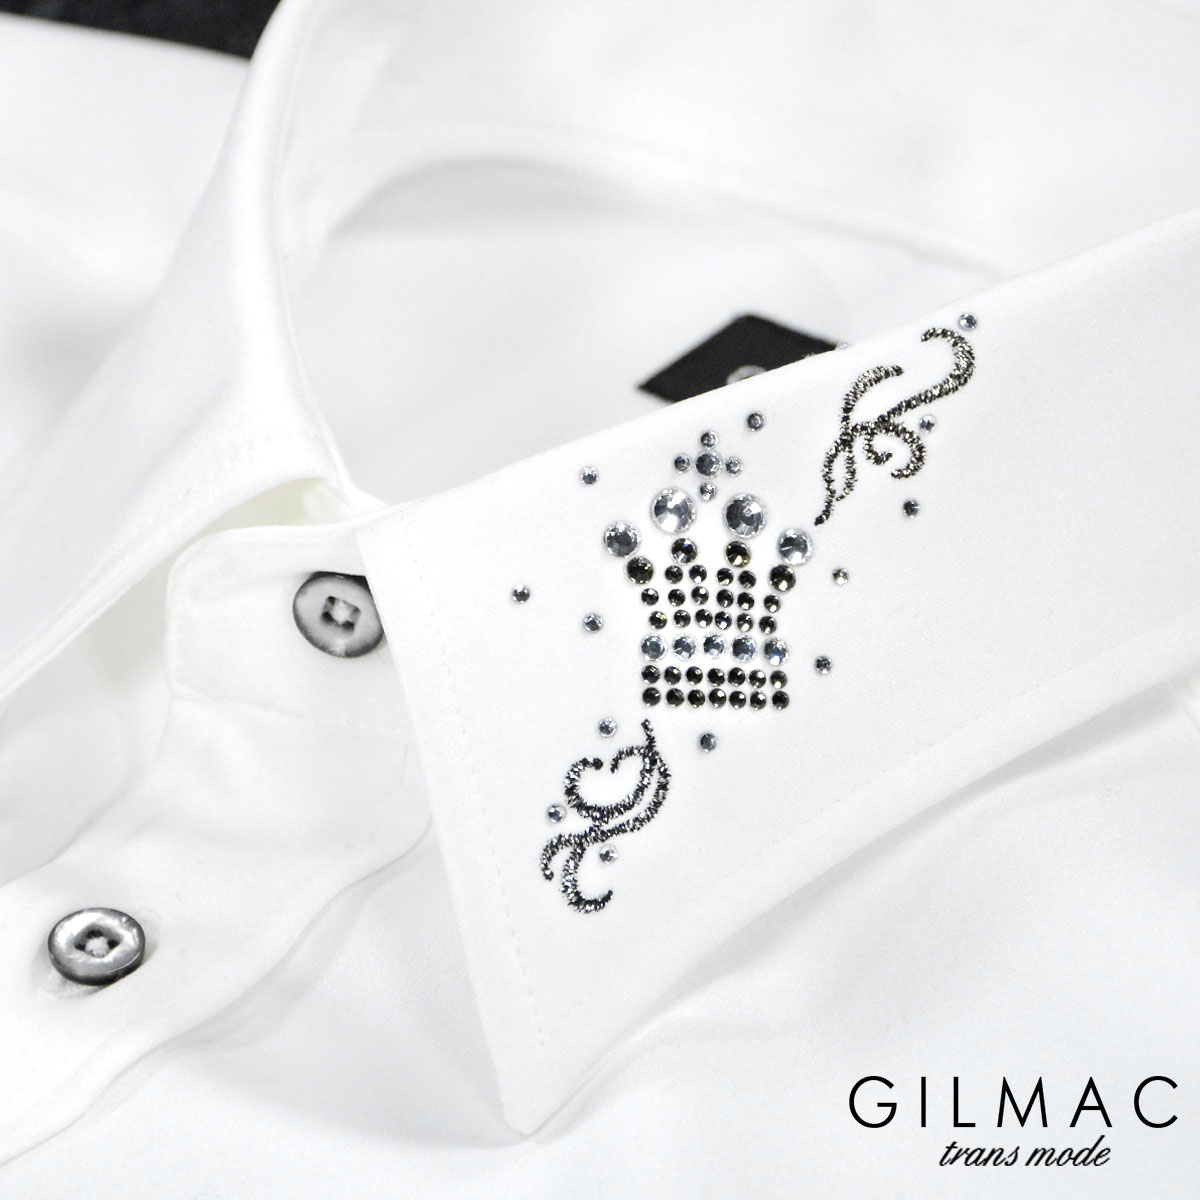 サテンシャツ 無地 日本製 レギュラーカラー メンズ 襟 クラウン 王冠 ラインストーン 結婚式 ドレスシャツ(ホワイト白) 36741